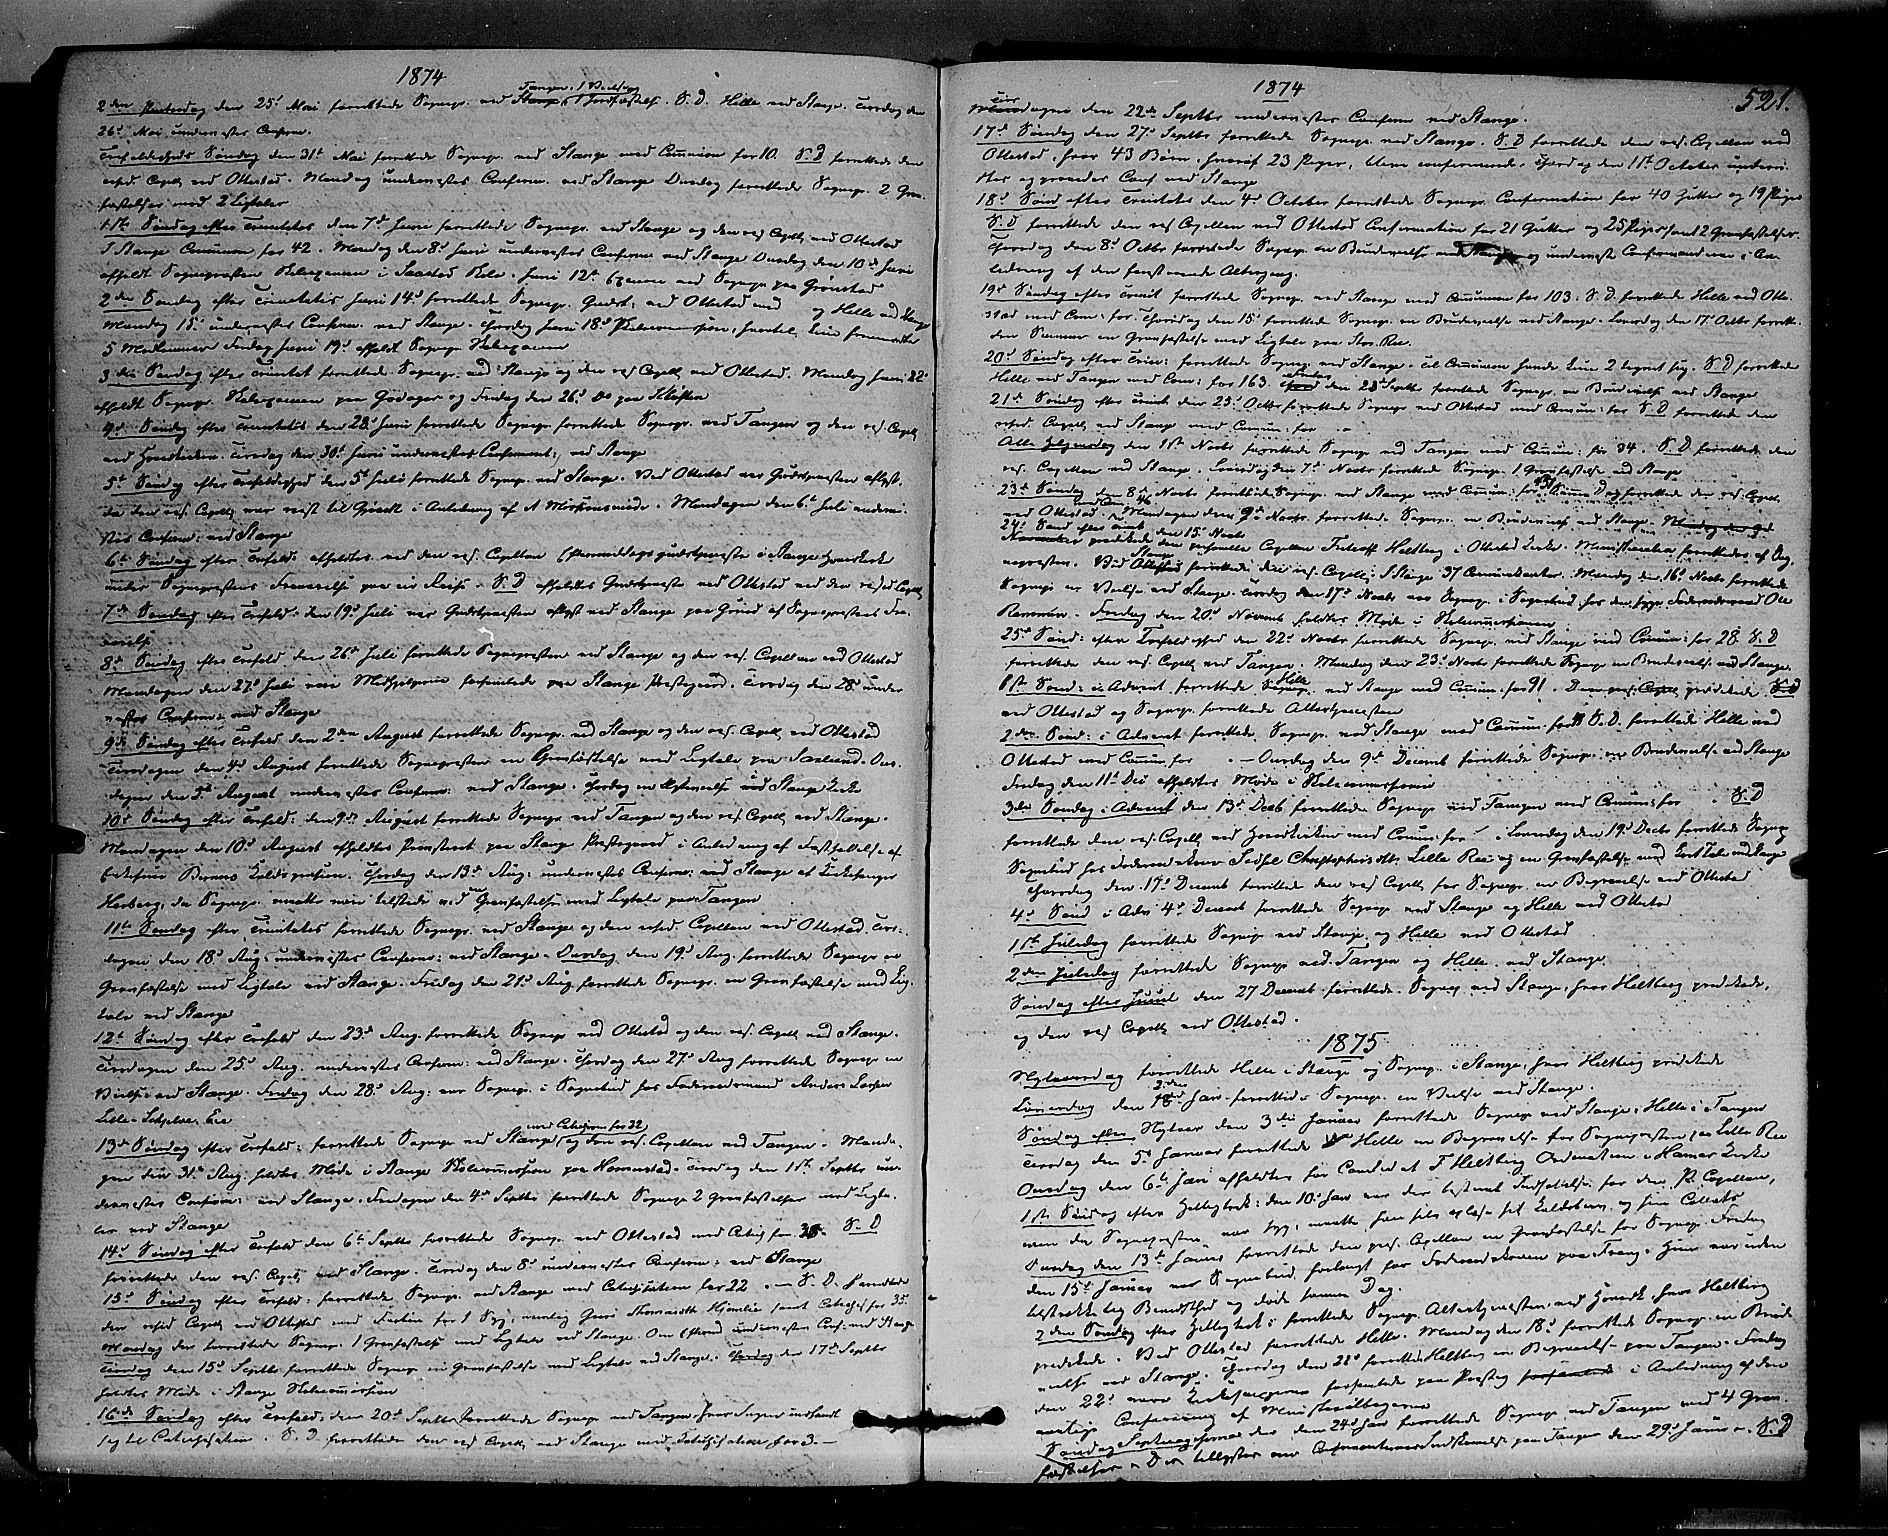 SAH, Stange prestekontor, K/L0013: Parish register (official) no. 13, 1862-1879, p. 521